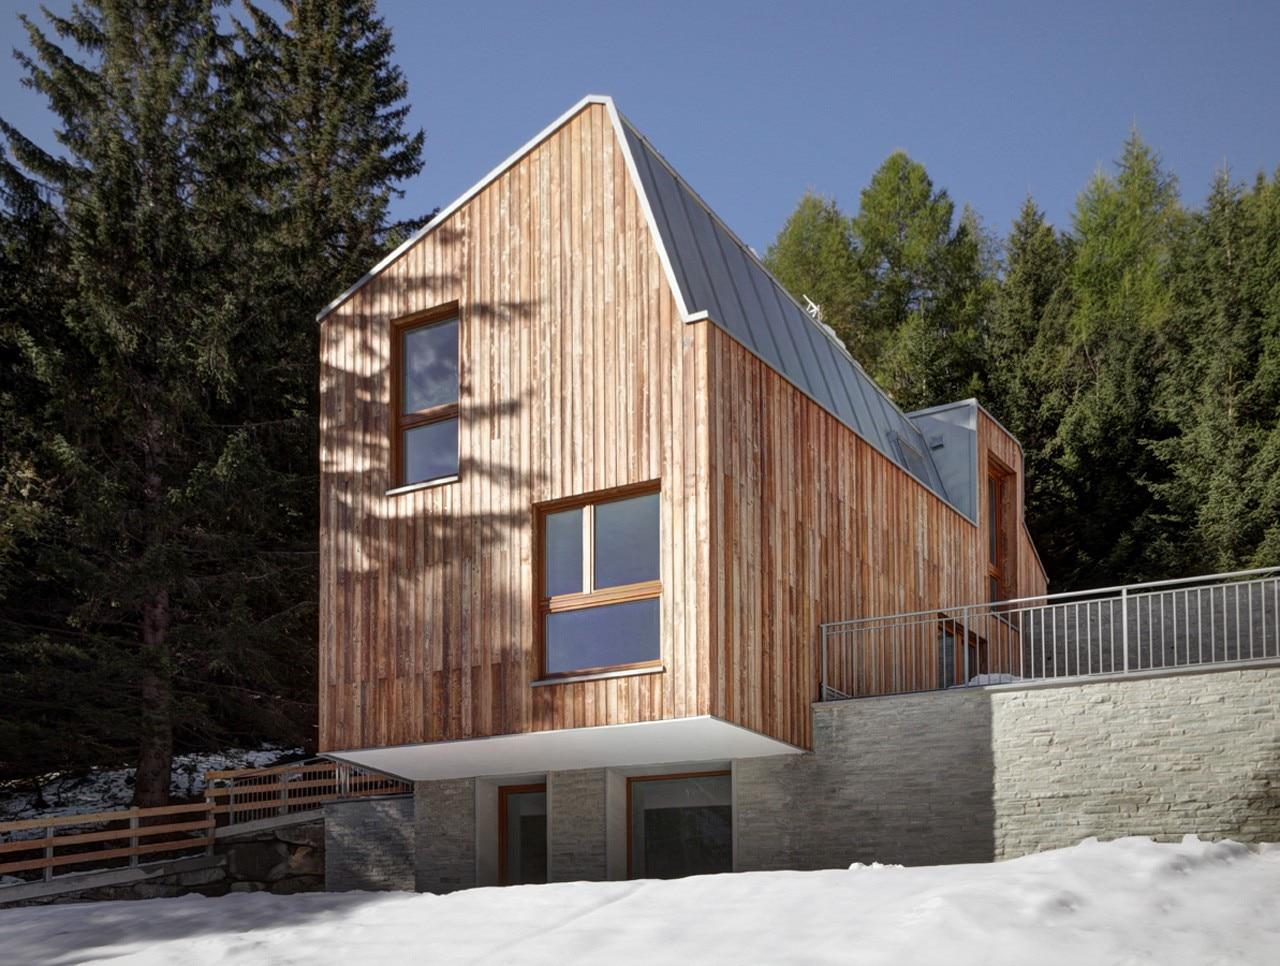 Casa a madesimo domus for Log casa architetti